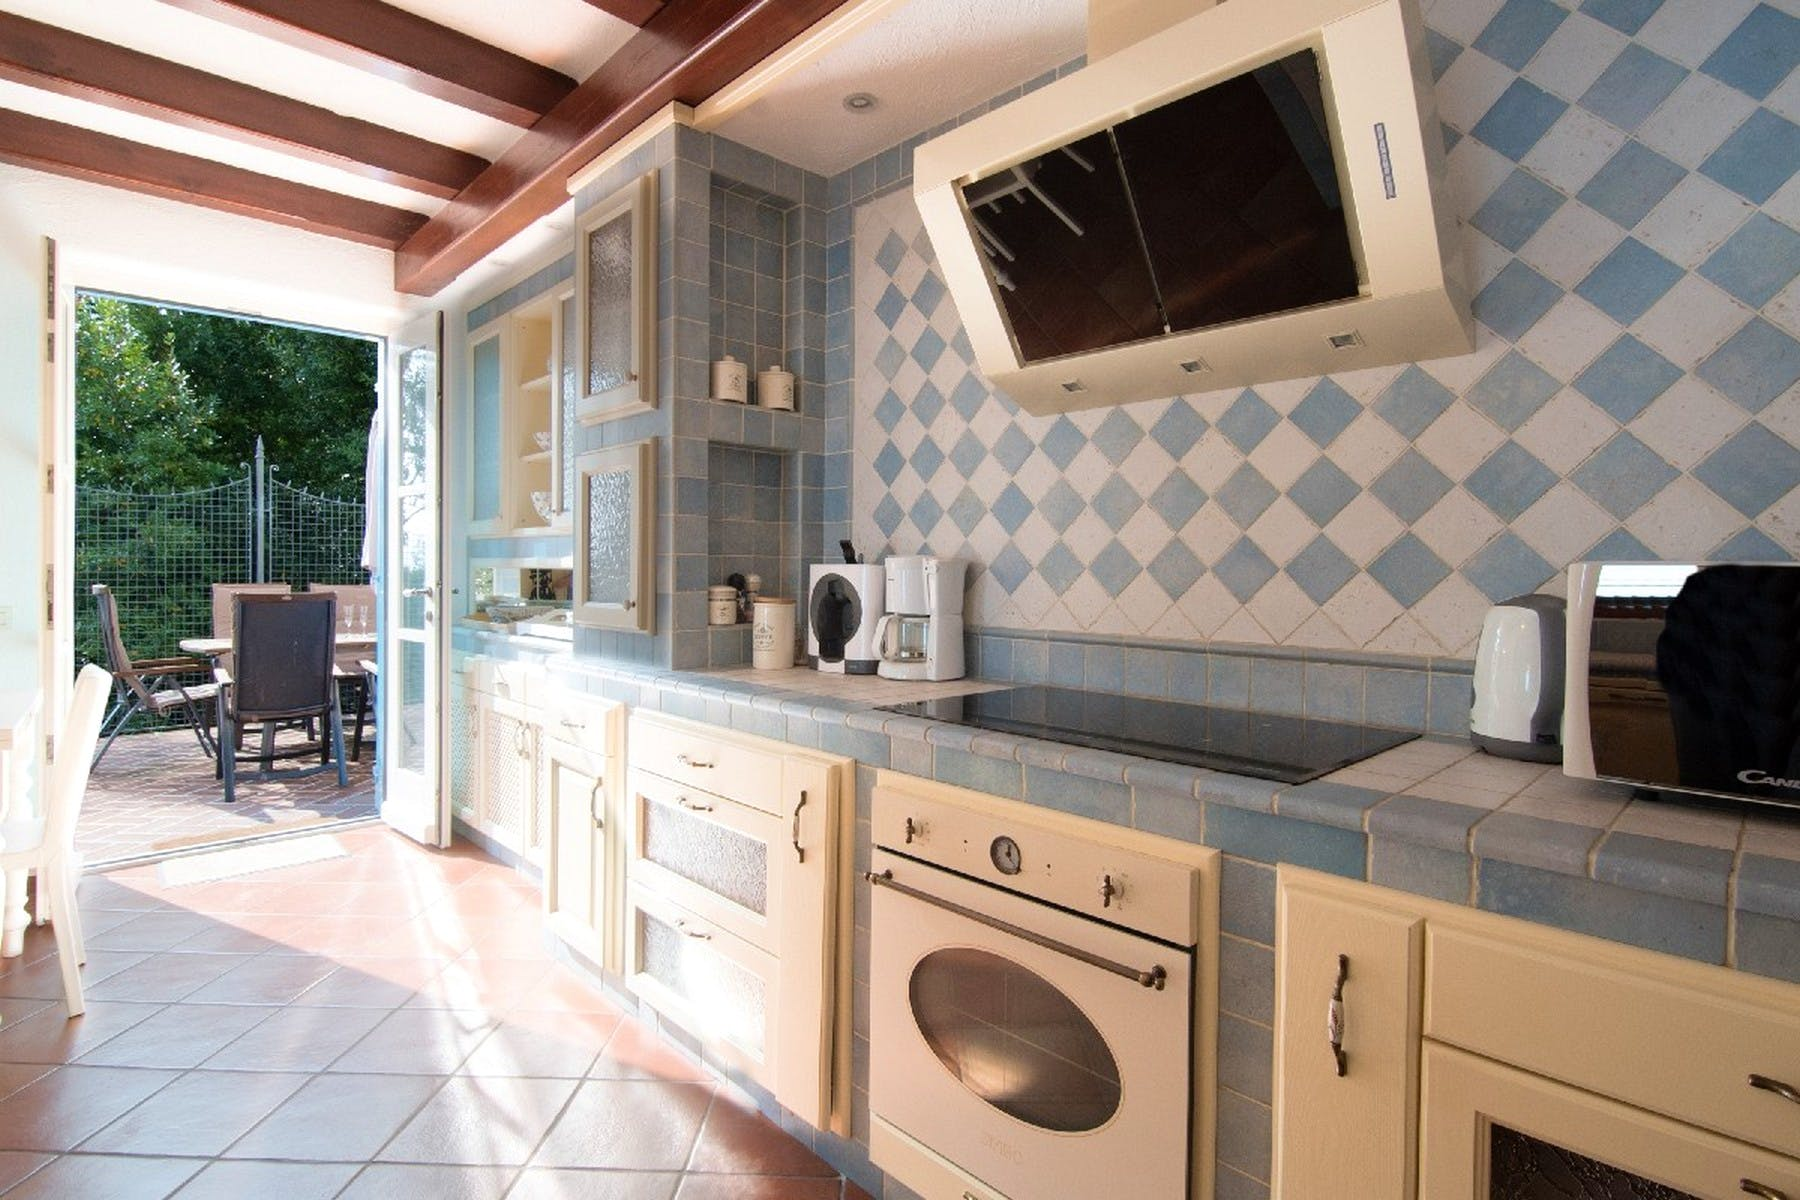 Izlaz iz kuhinje na terasu